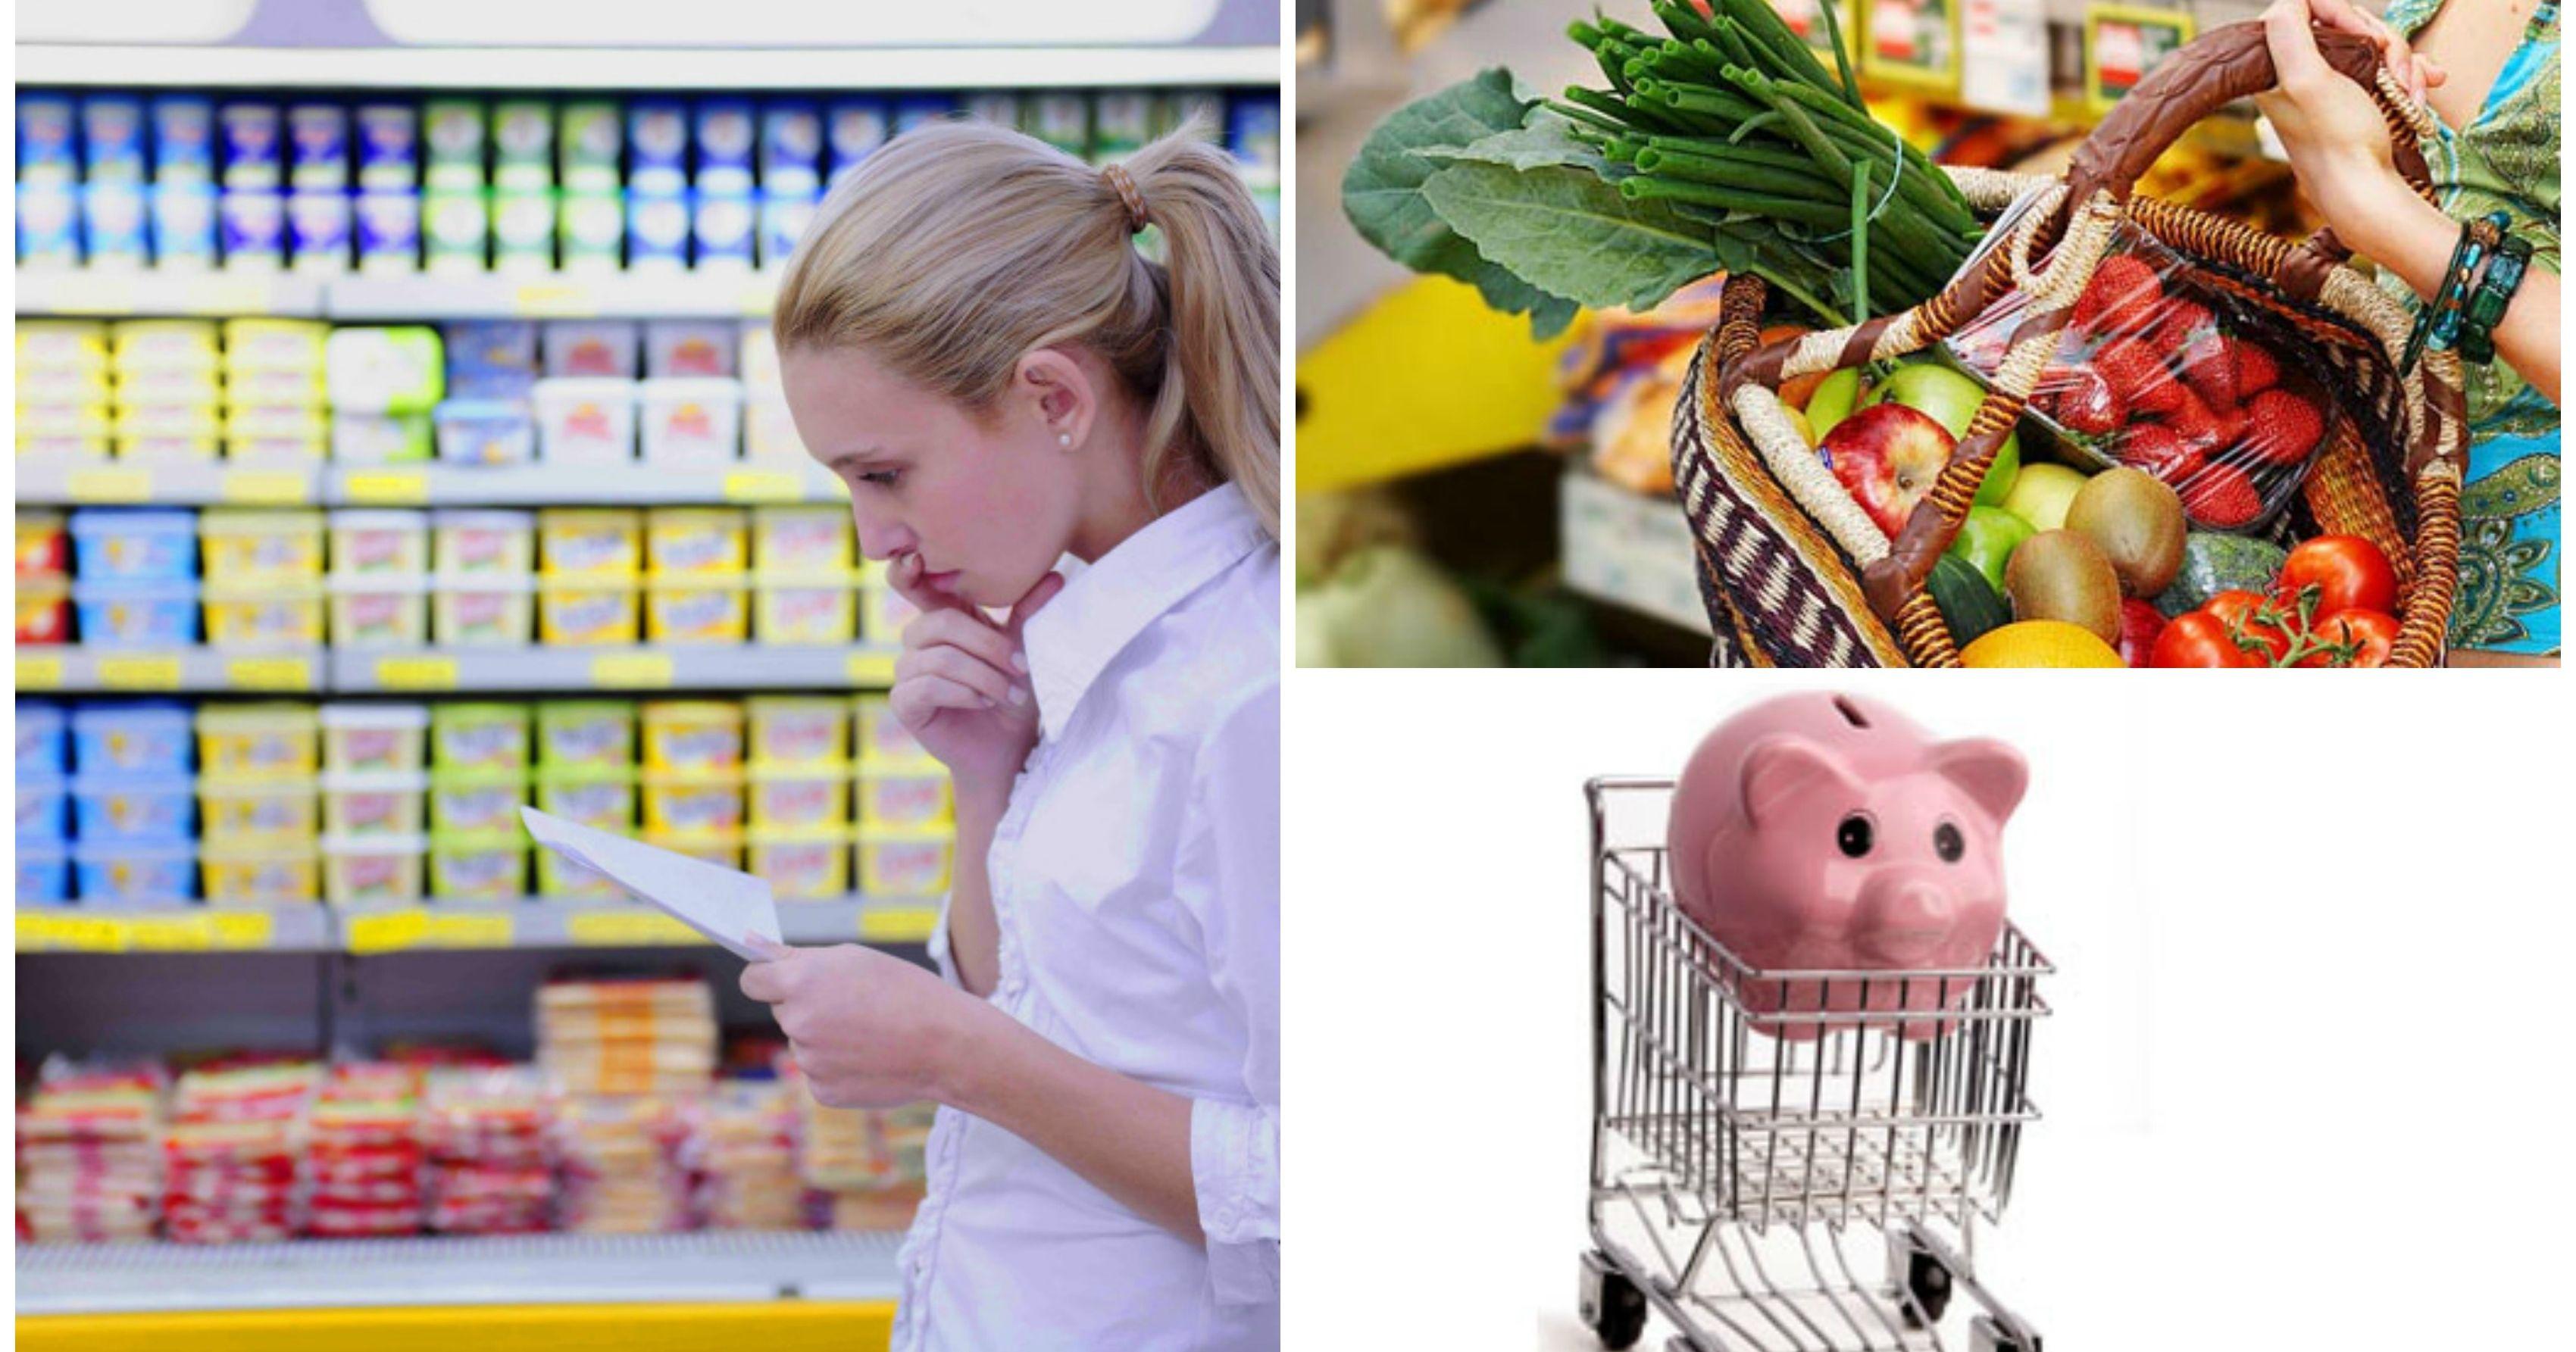 Desafío 2016: cómo no derrochar en el supermercado